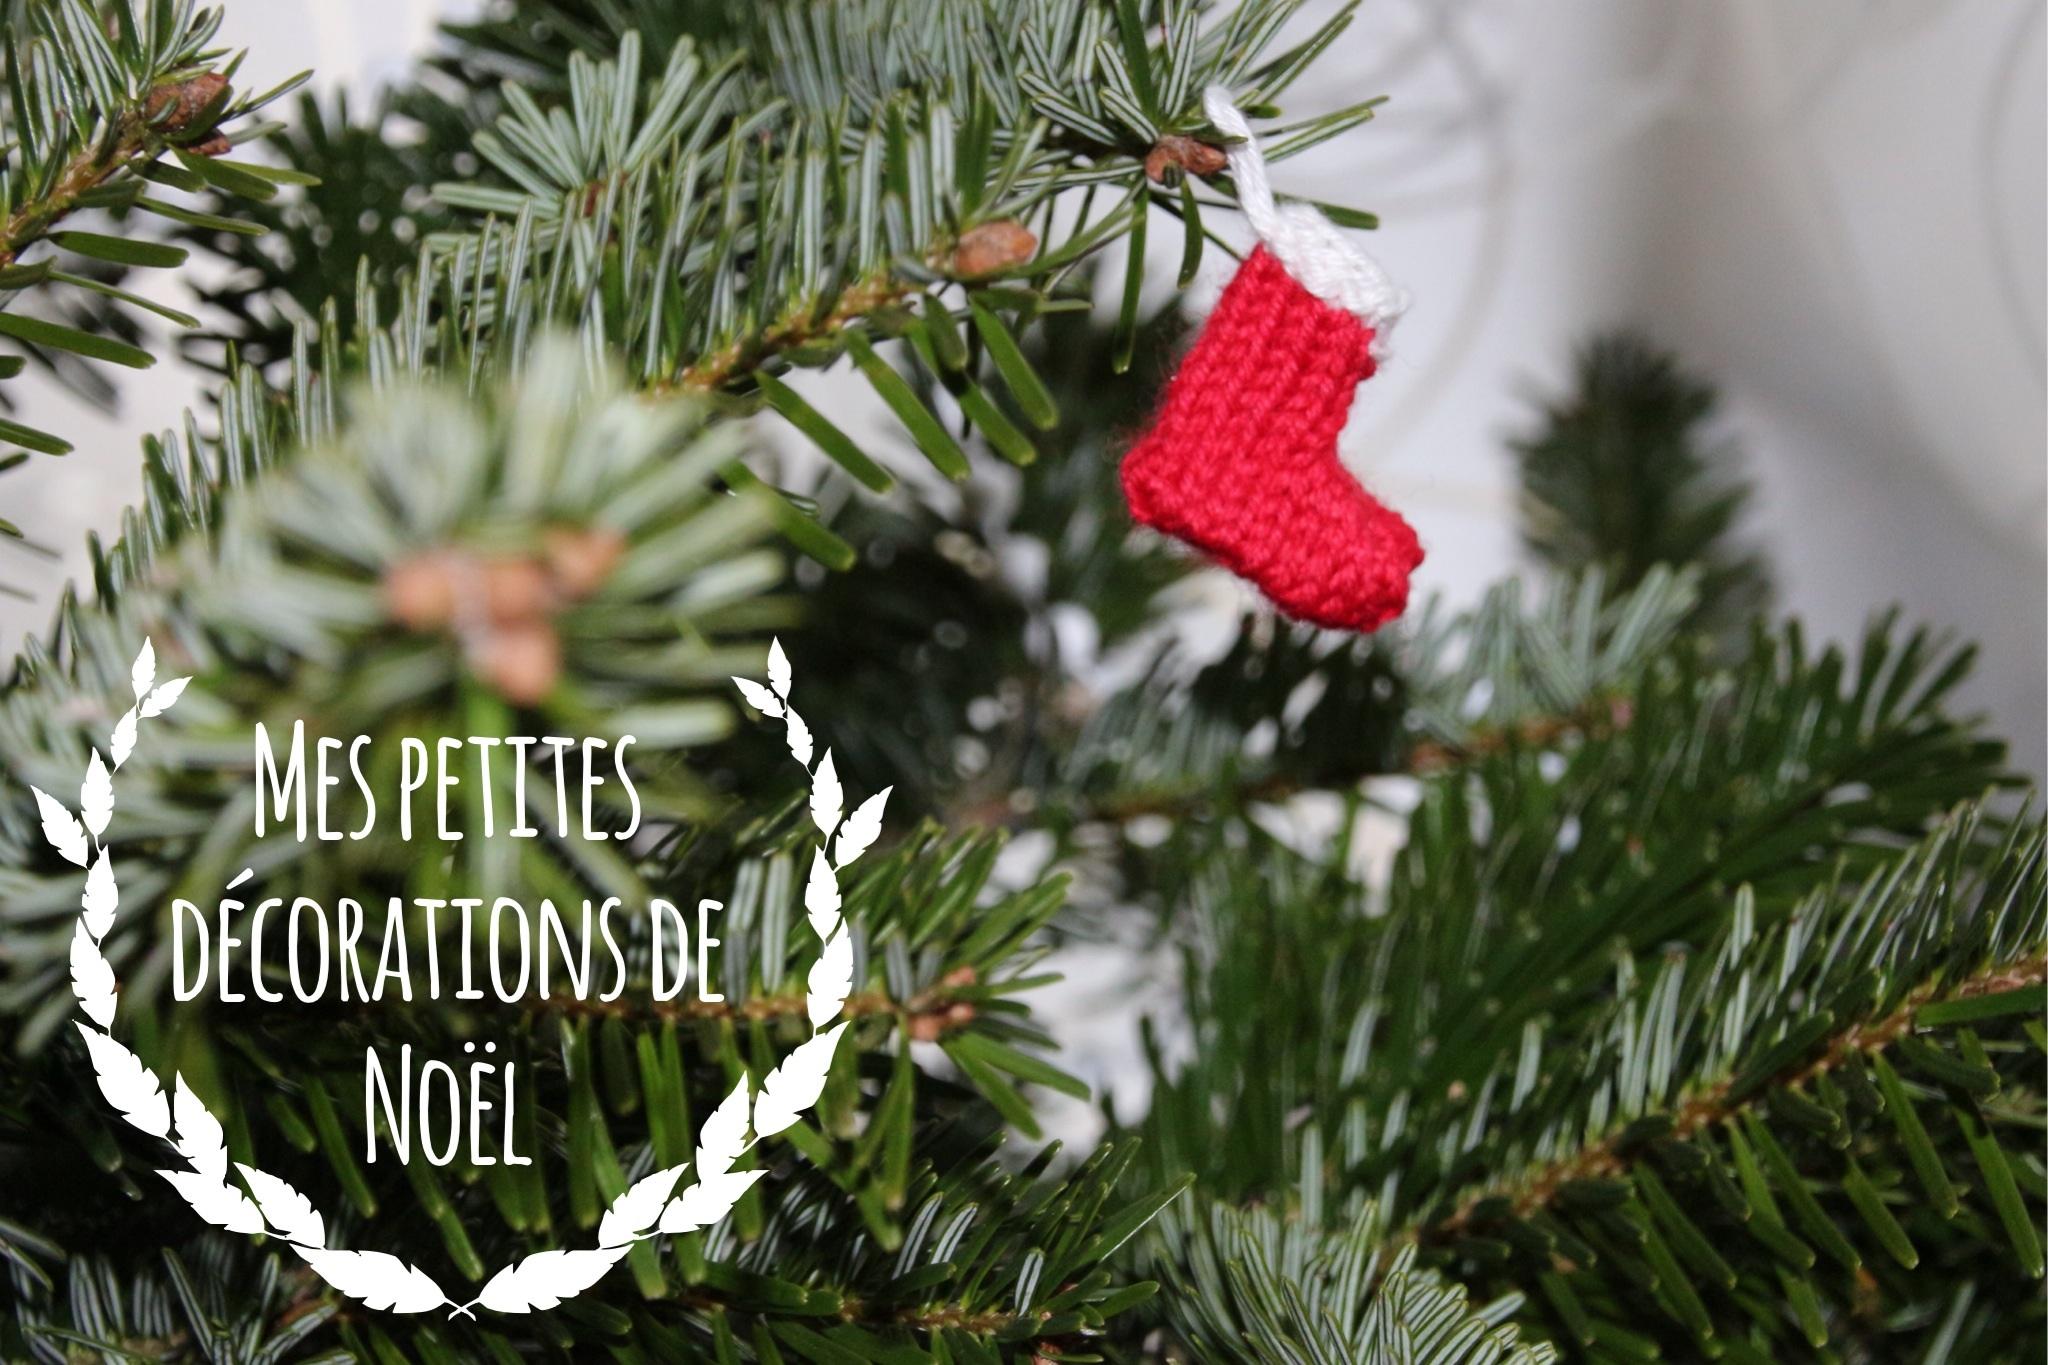 Mes petites décorations de Noël en laine